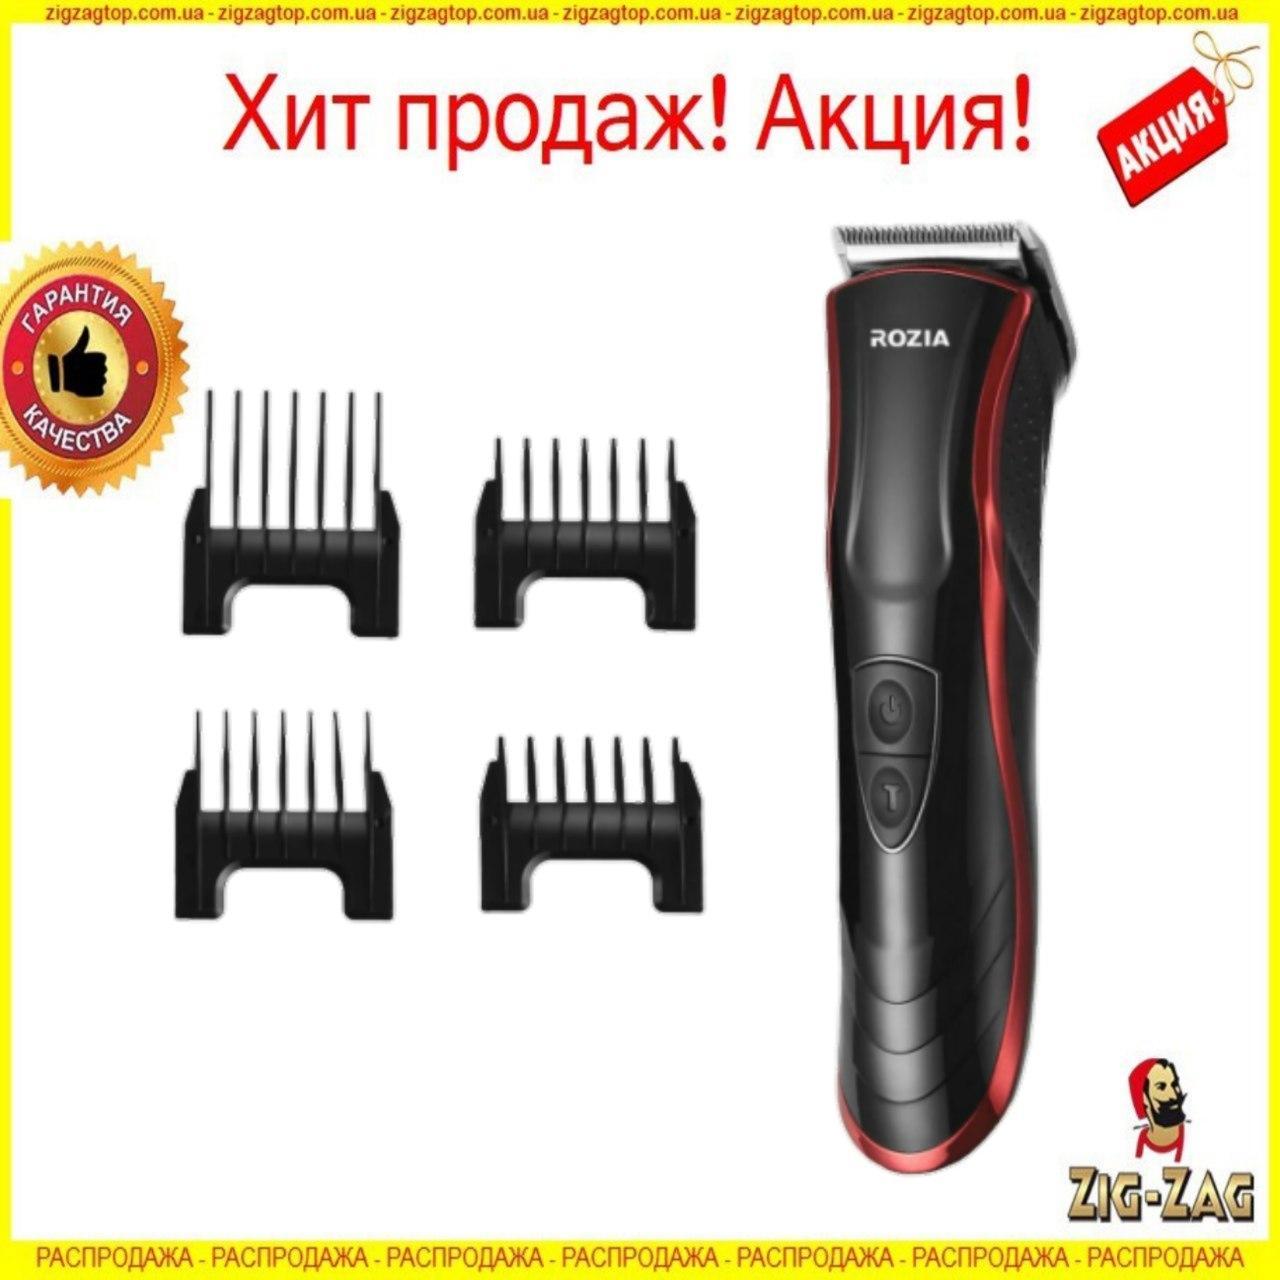 Профессиональная машинка для стрижки волос Rozia HQ-222 Триммер 4 режима (3, 6, 9, 12 мм) Время работы 8 часов